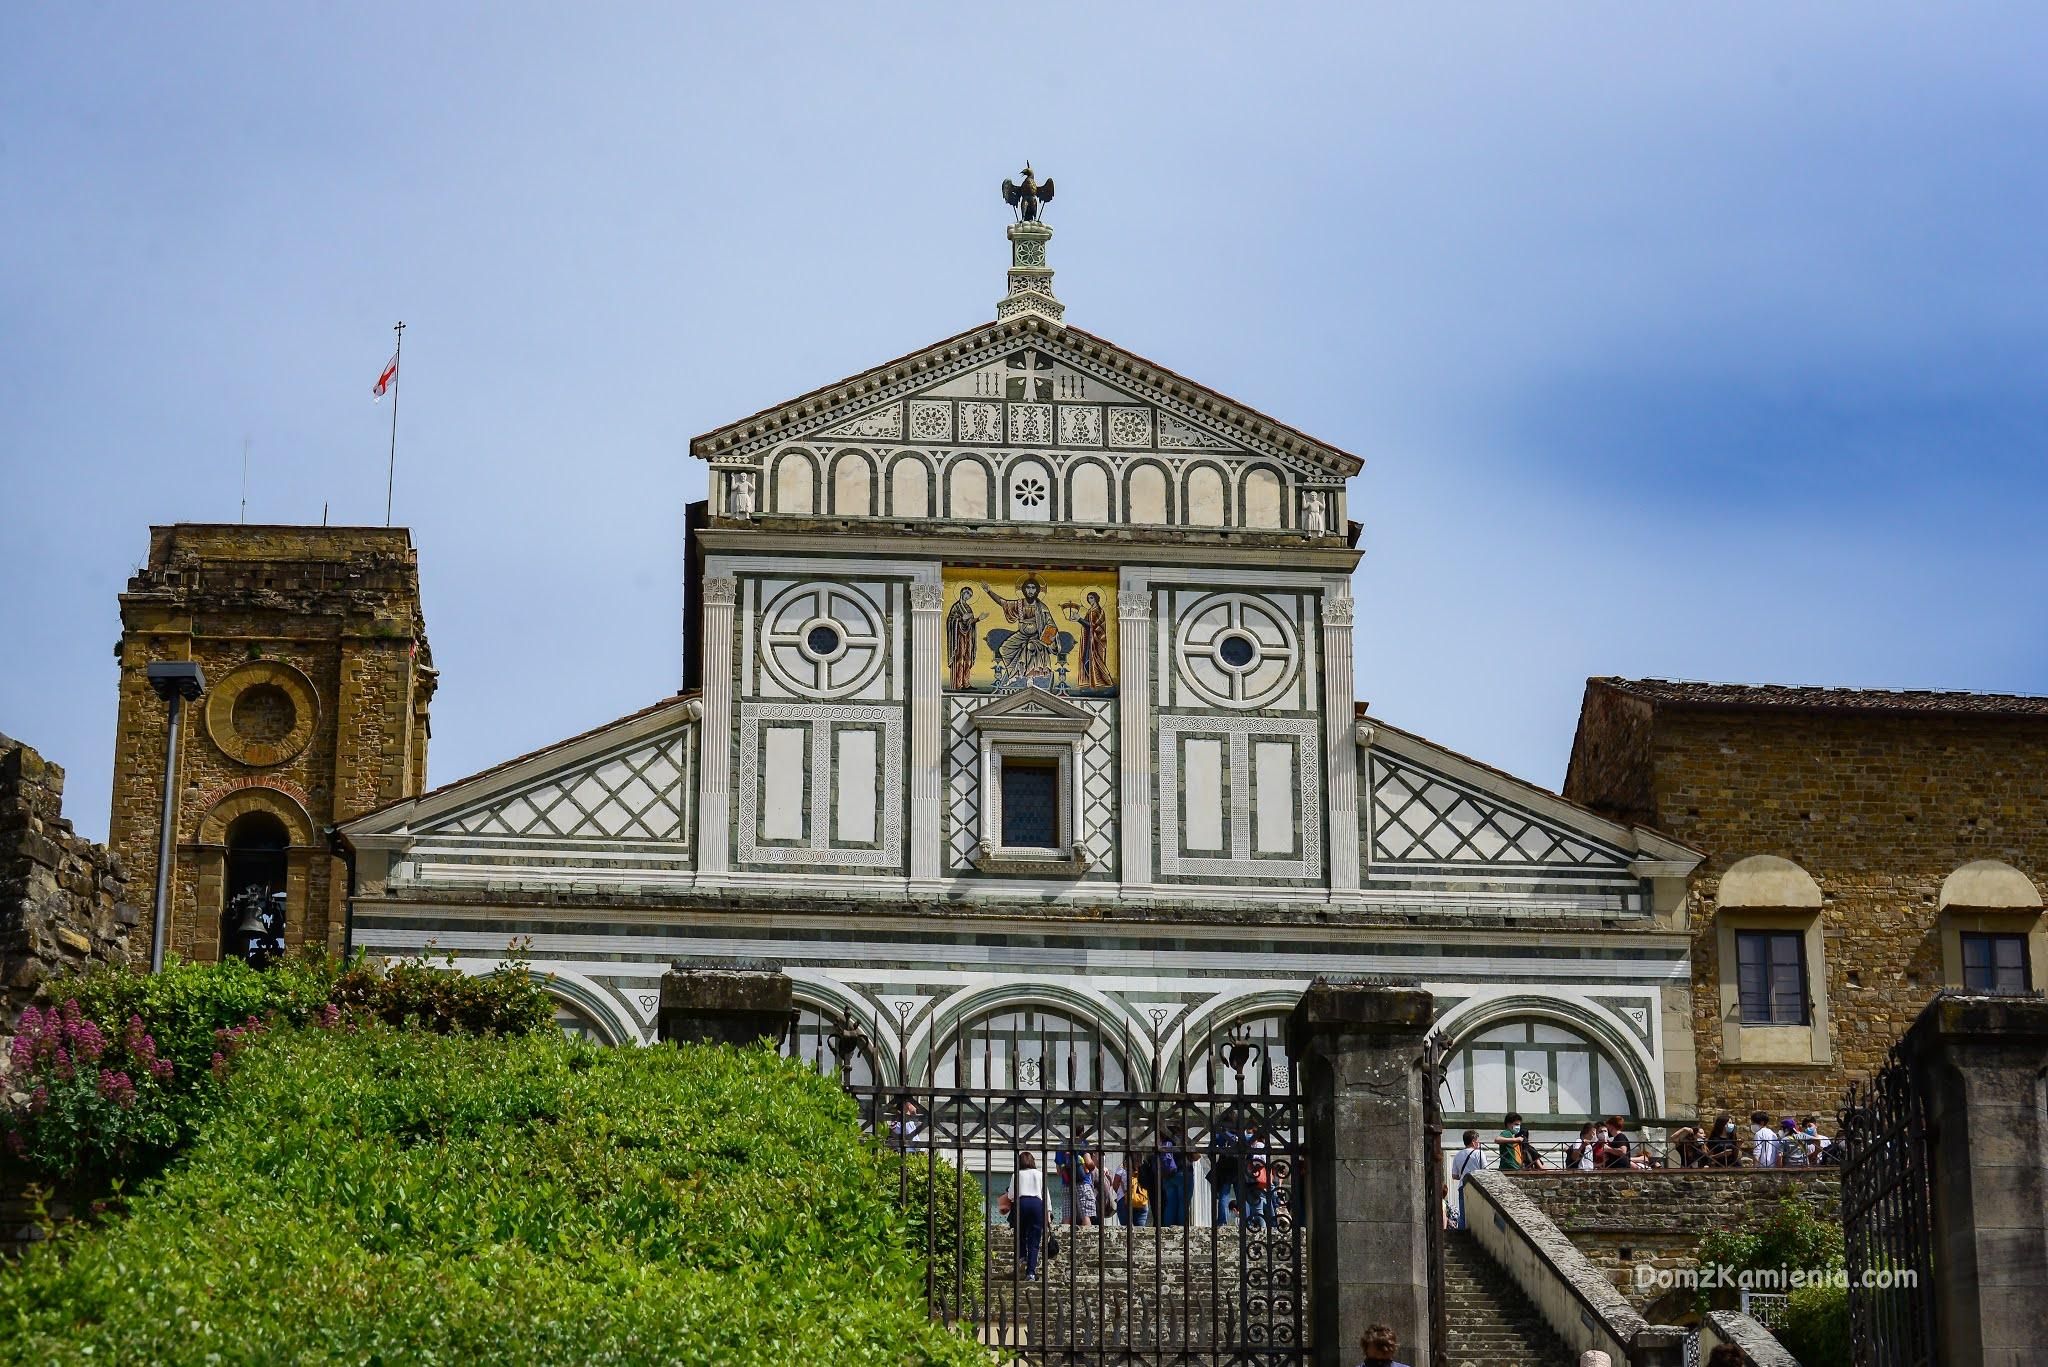 Sekrety Florencji - Kasia z Domu z Kamienia